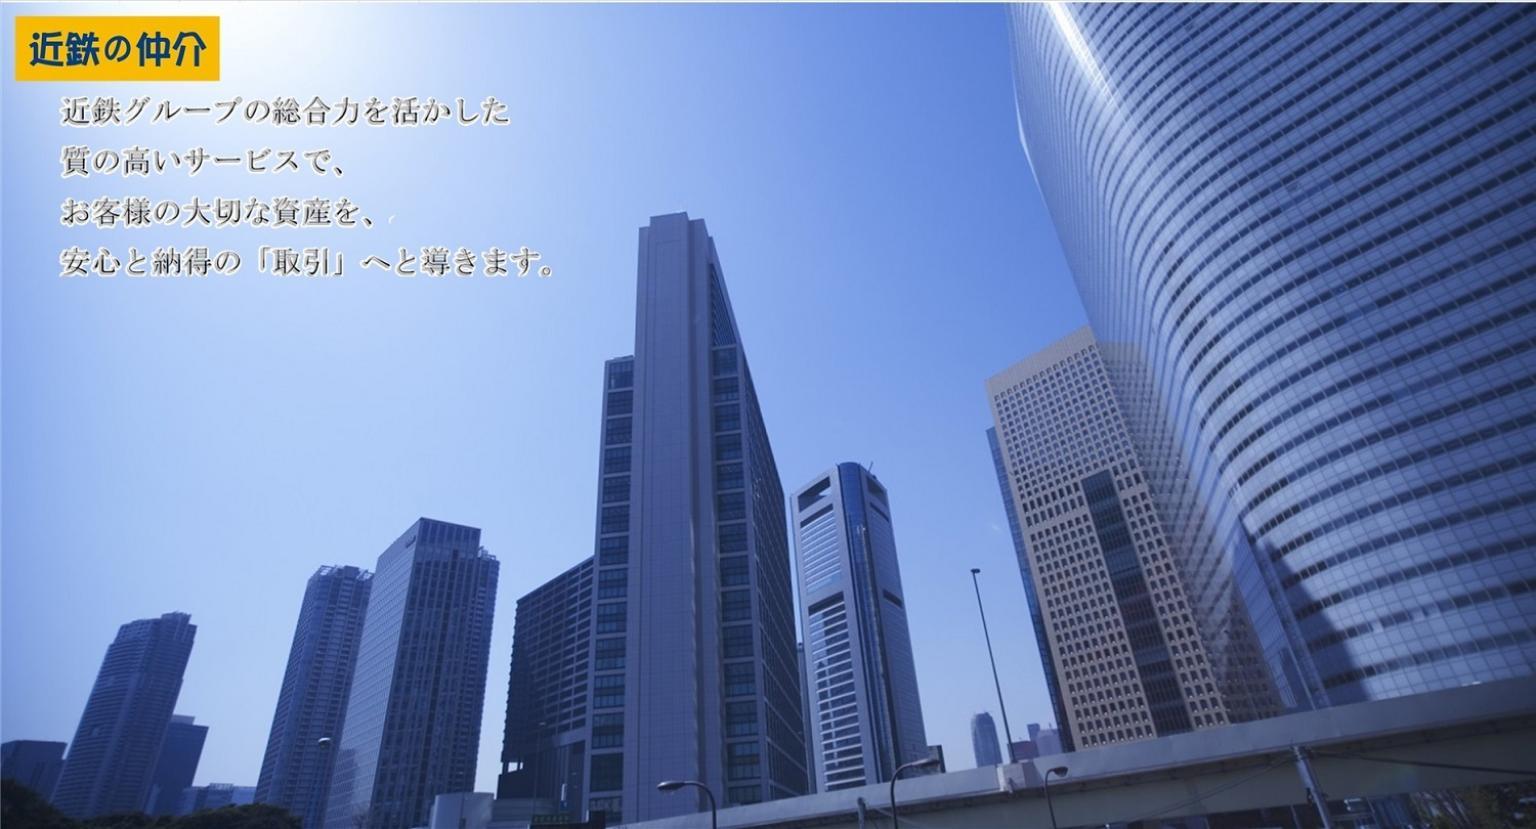 近鉄不動産株式会社 広島西営業所